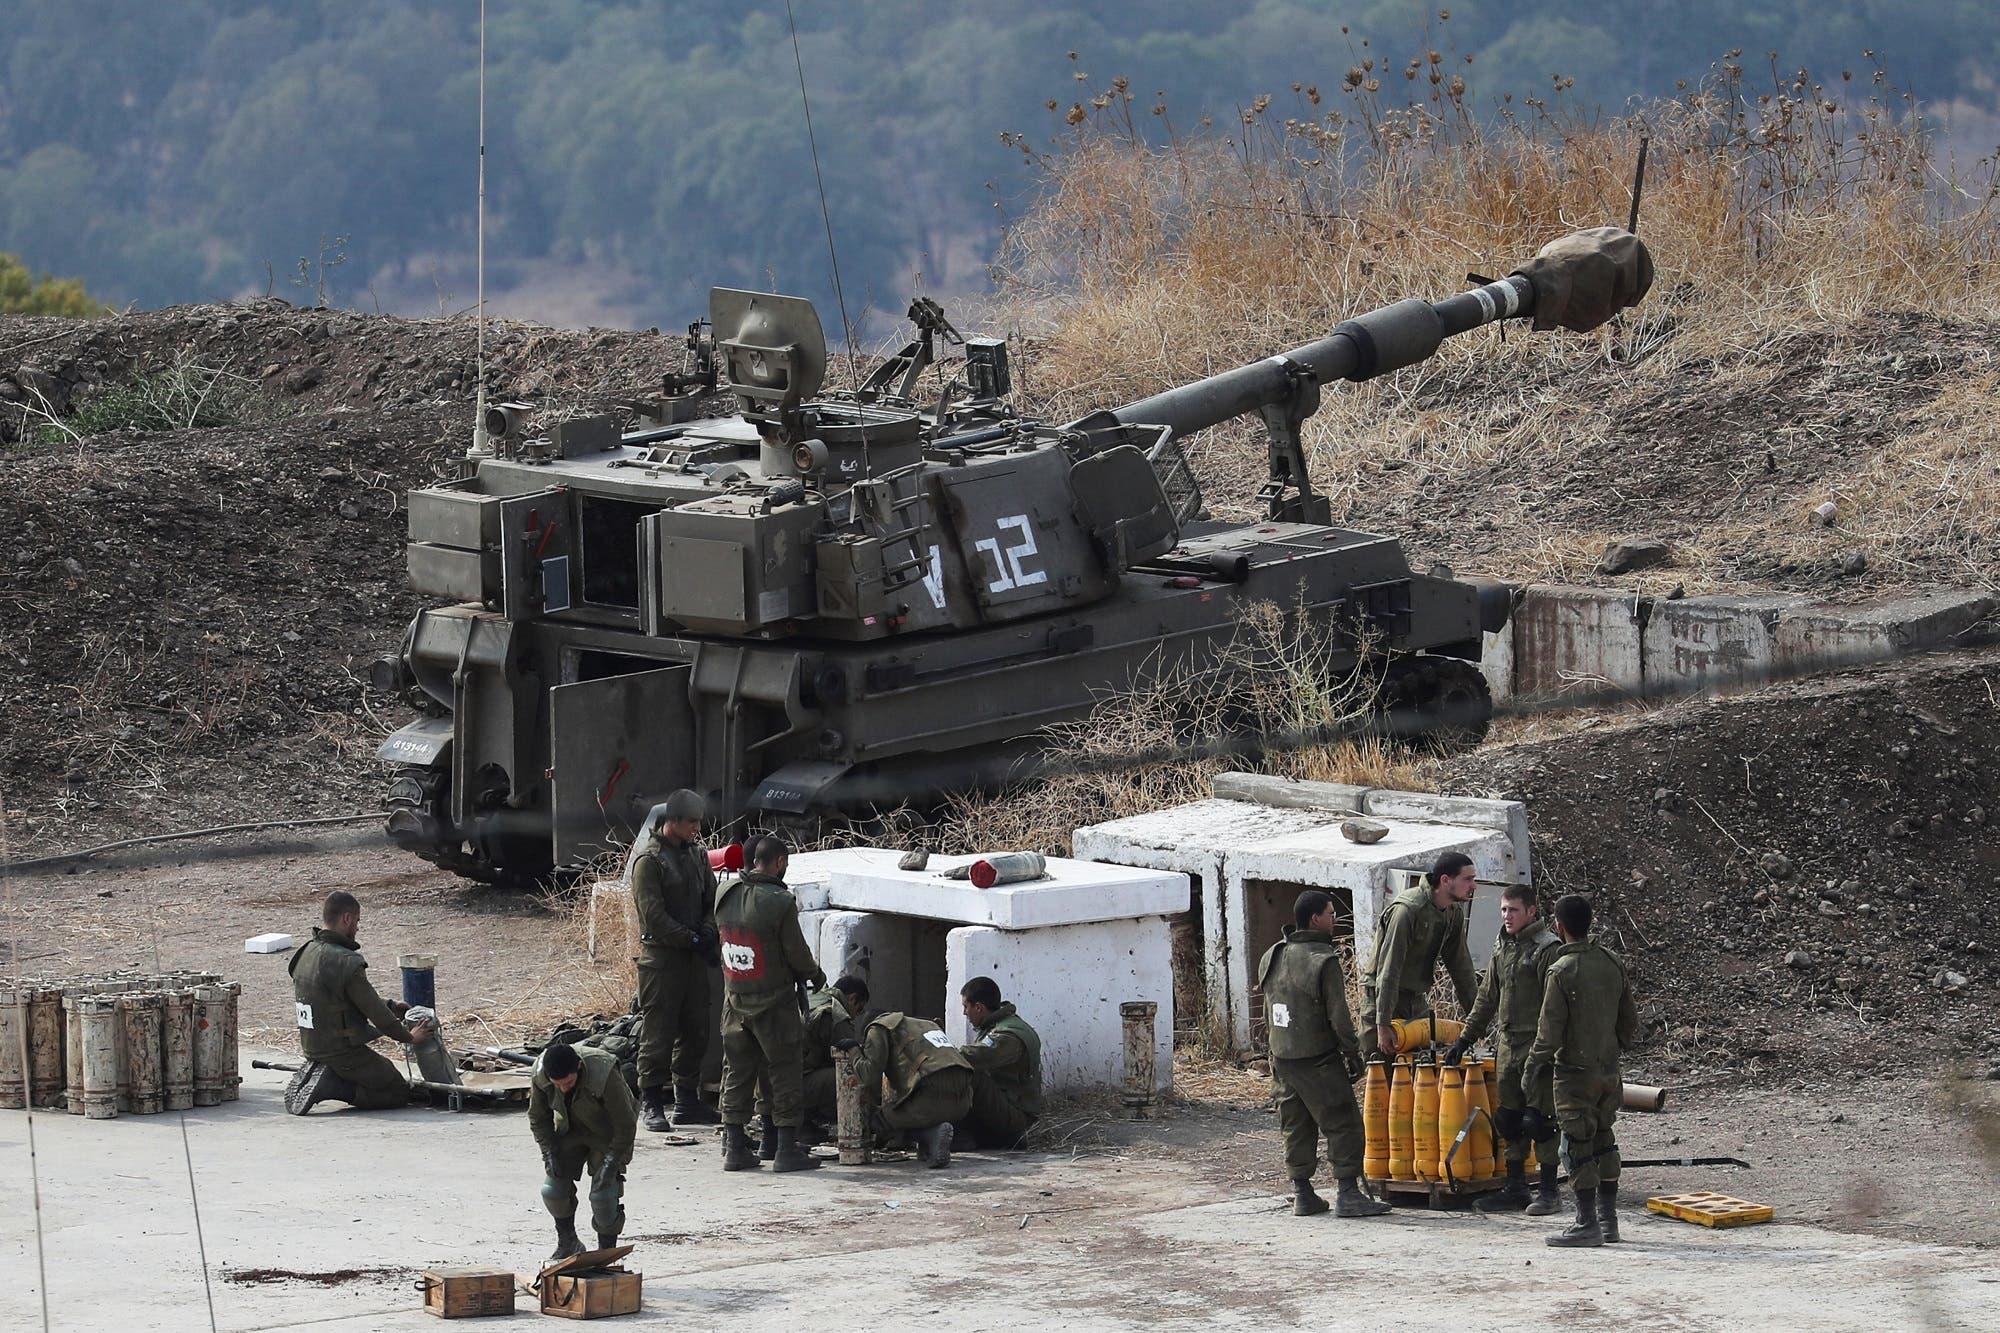 جنود إسرائيليون يقفون على الجانب الإسرائيلي من الحدود مع لبنان (رويترز)